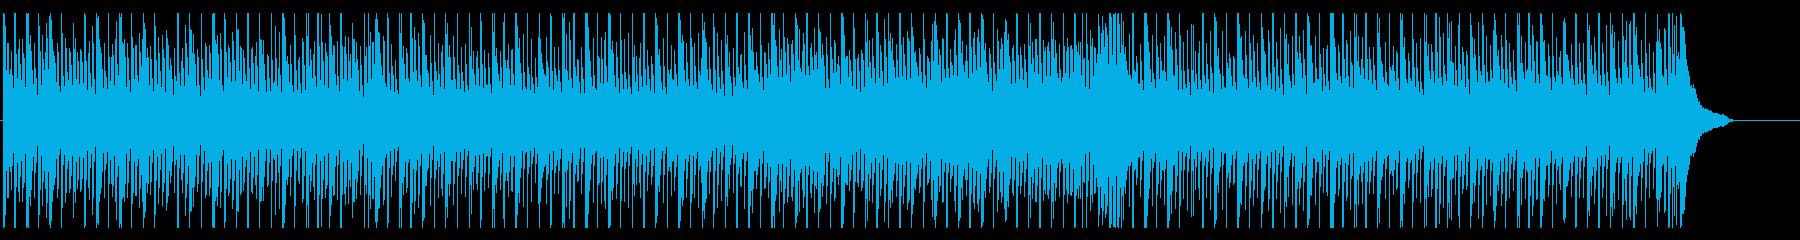 ゲームミュージック16/ピアノ、クールの再生済みの波形